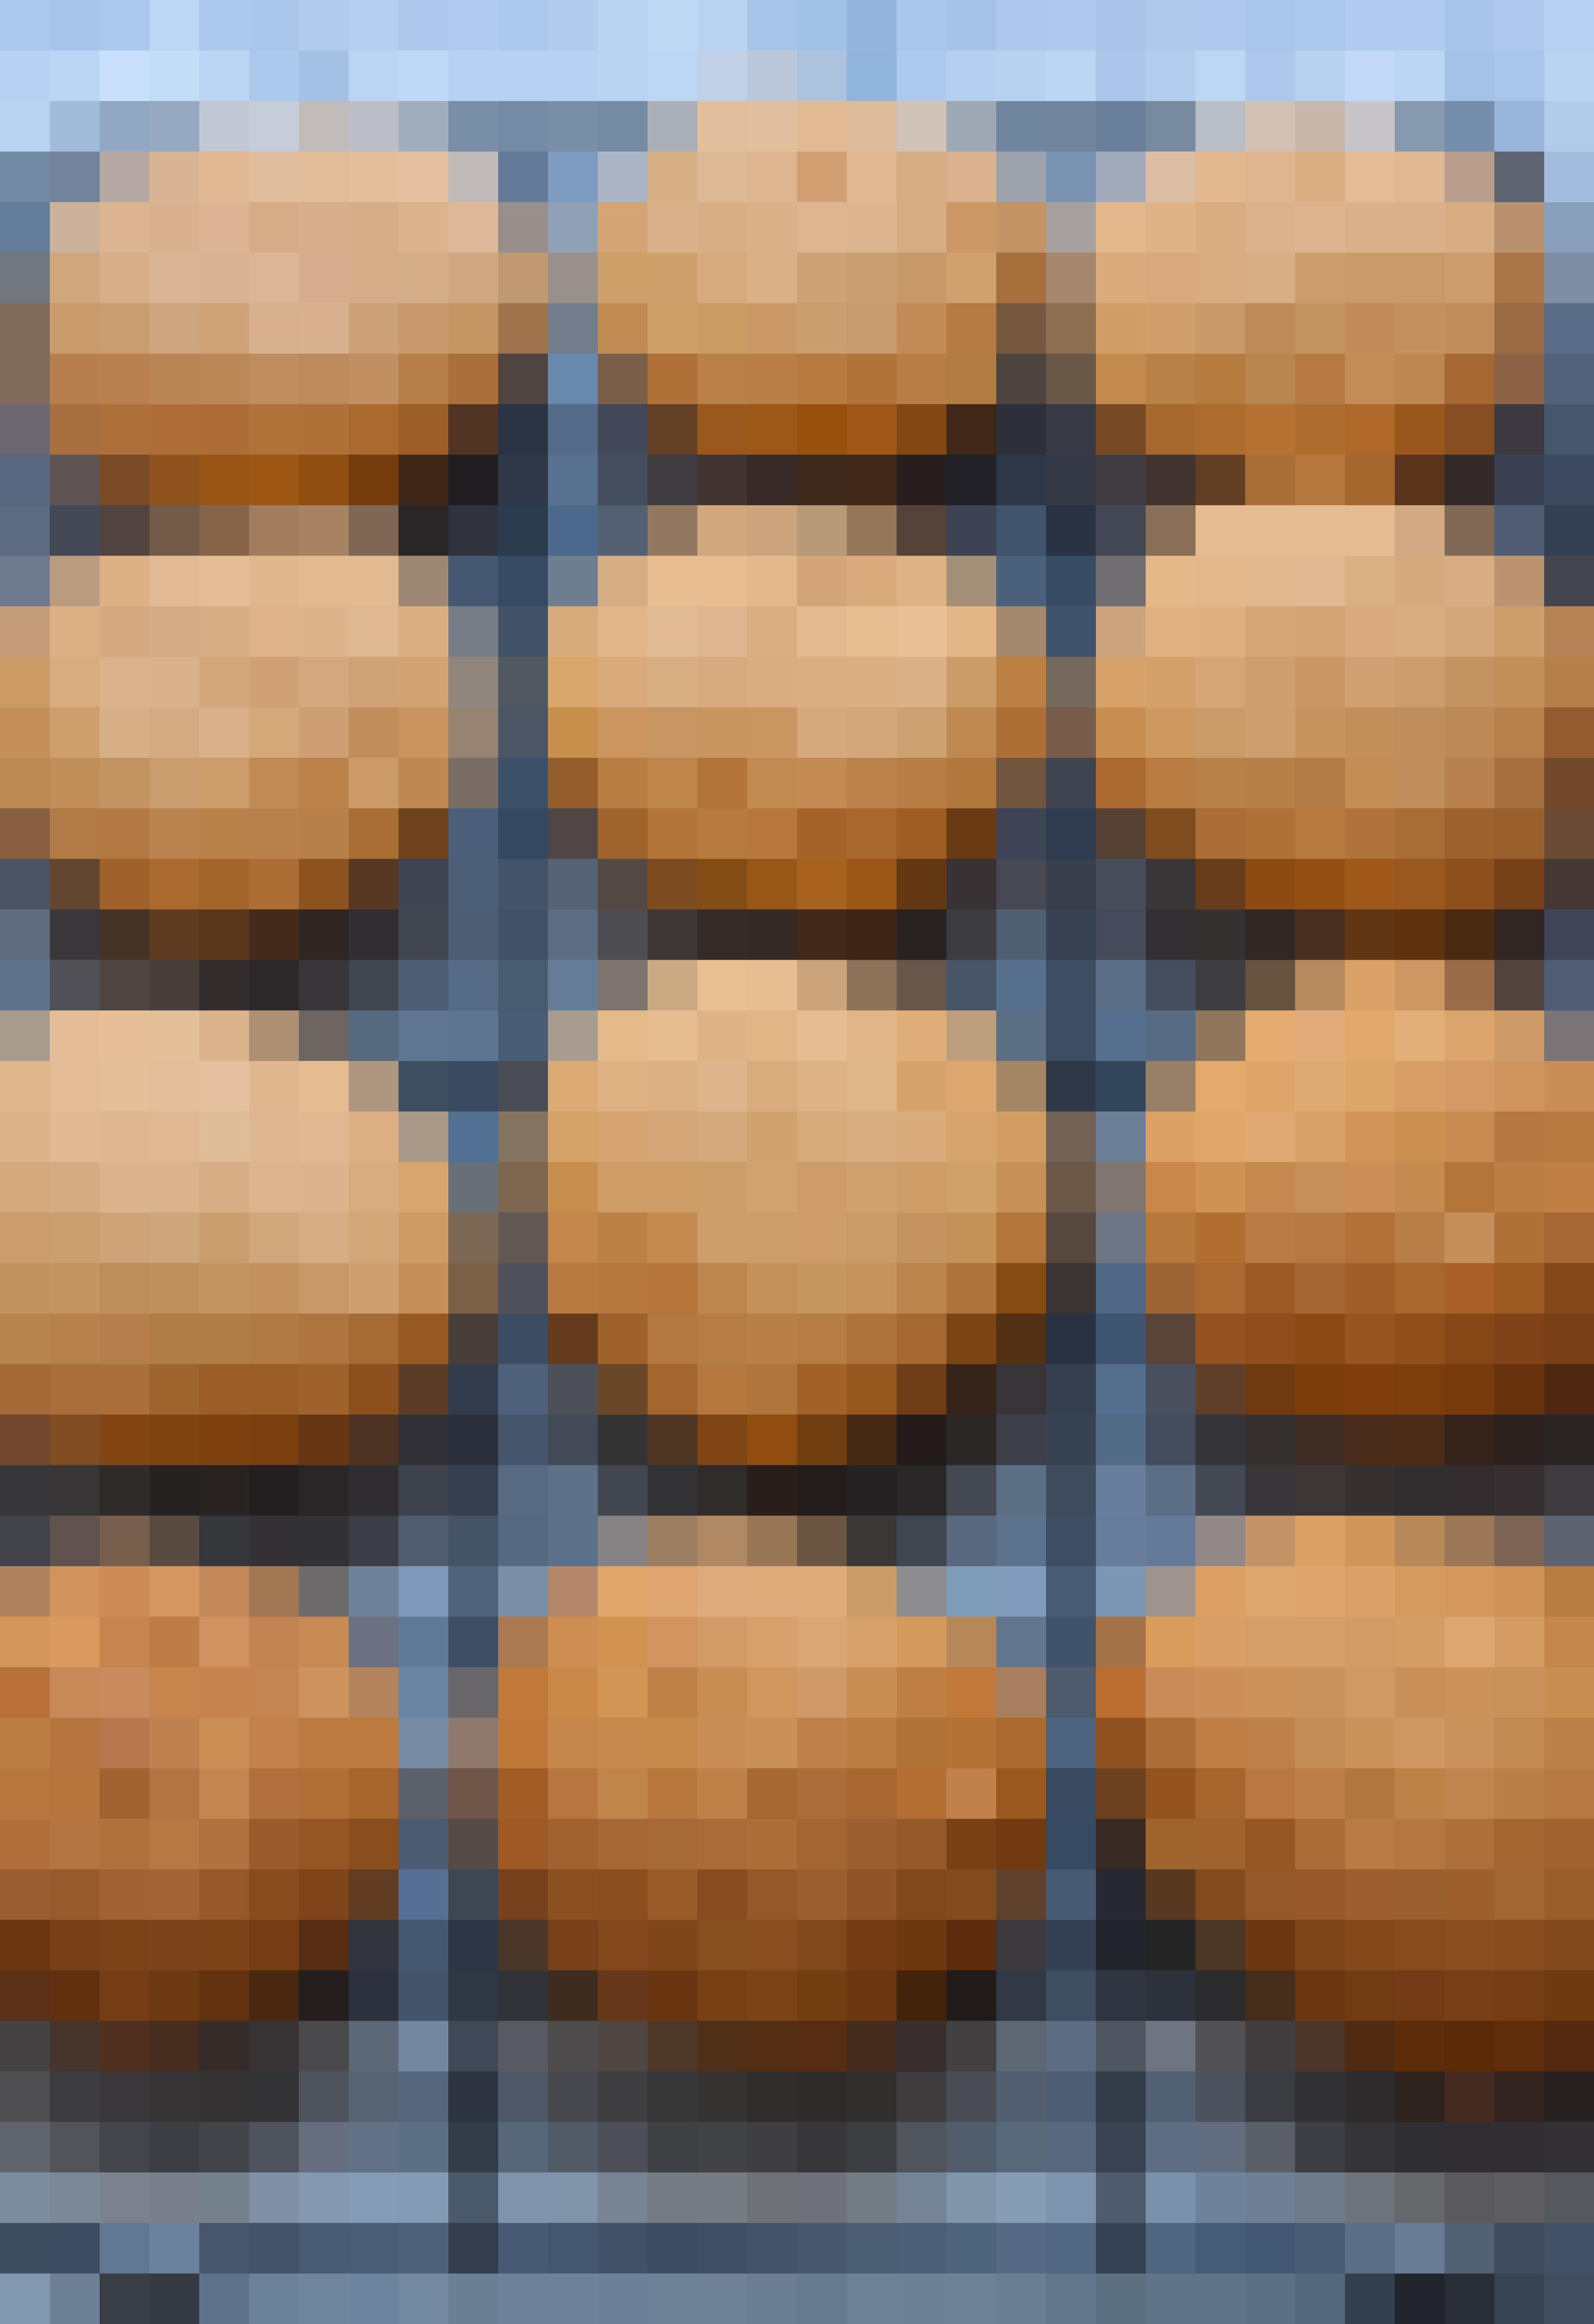 How To Make Halloween Pumpkin Cookies: gallery image 3